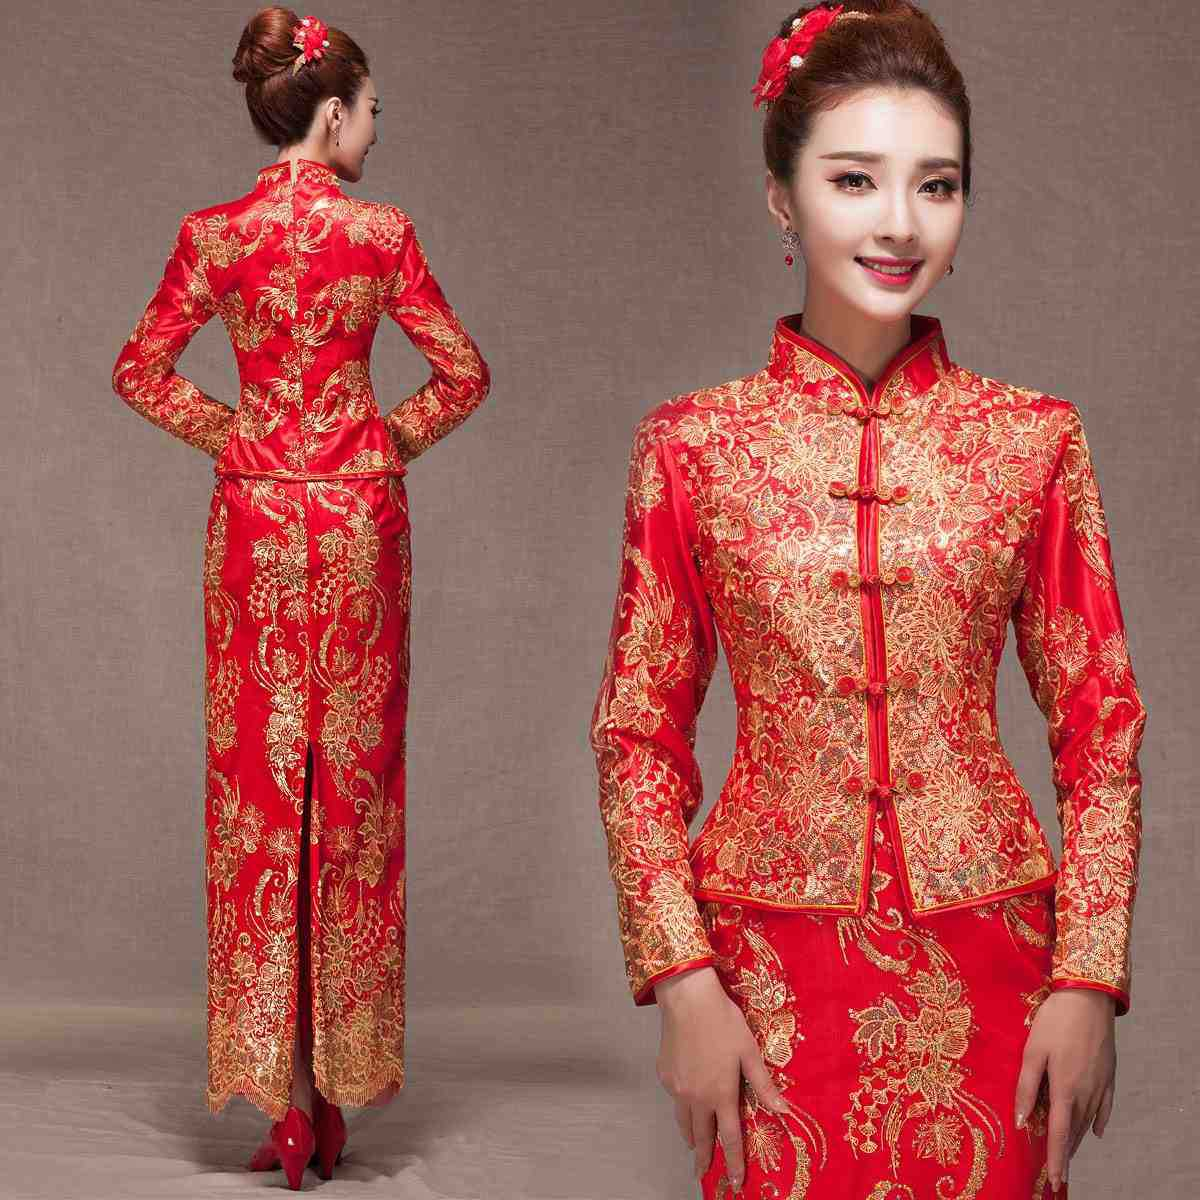 Chinesische Hochzeitskleider Rote Spitze Cheongsam Qipao Lange